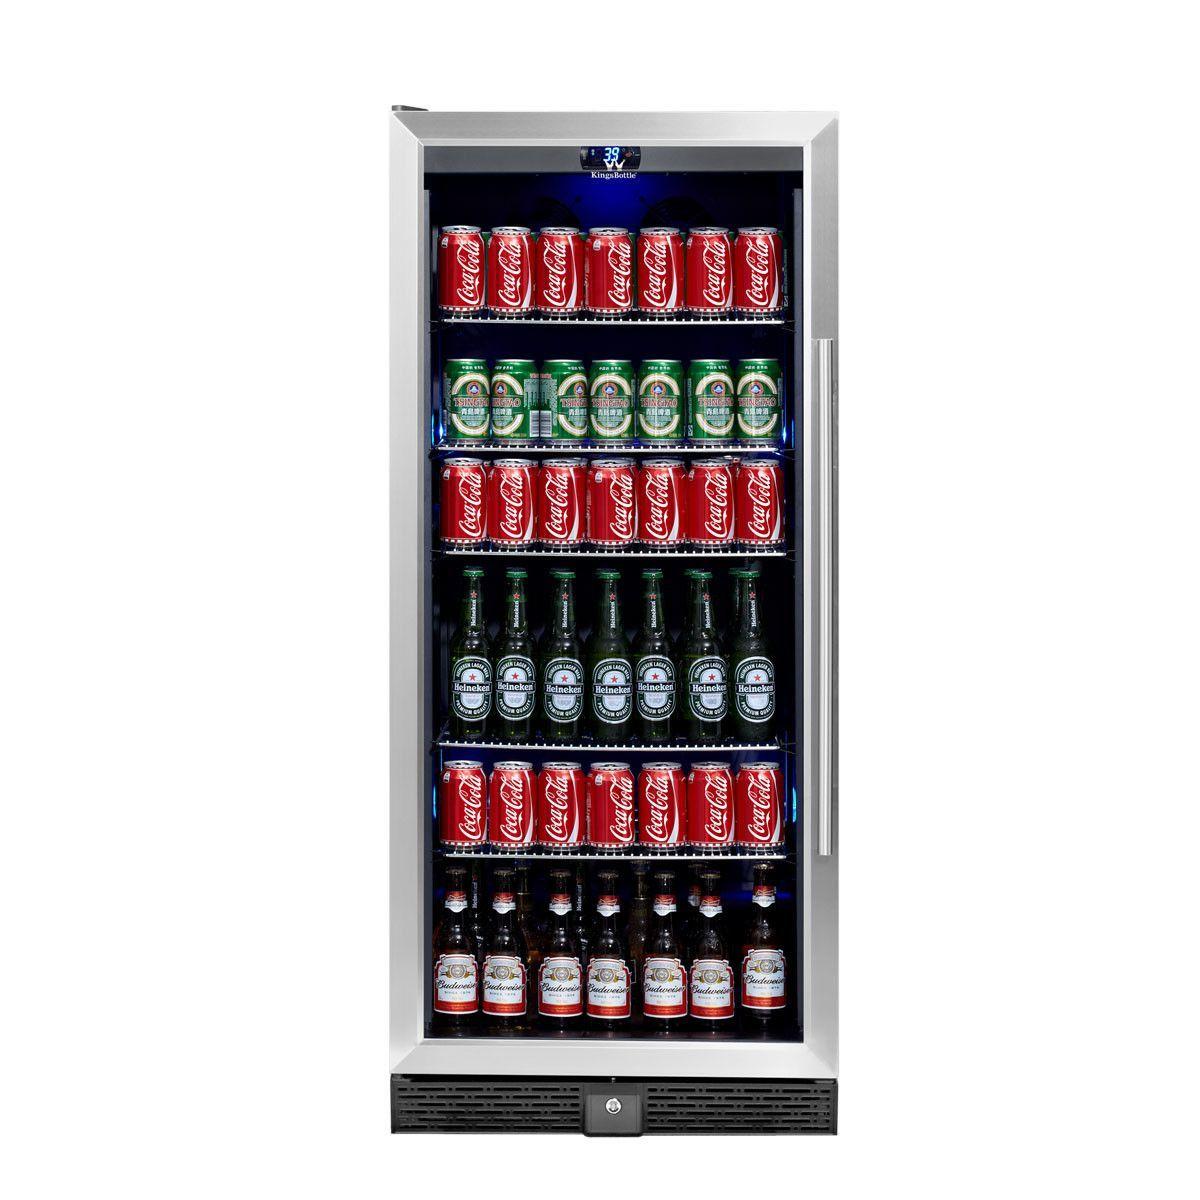 Compact Refrigerator Beverage Fridge Beverage Refrigerator Beverage Cooler